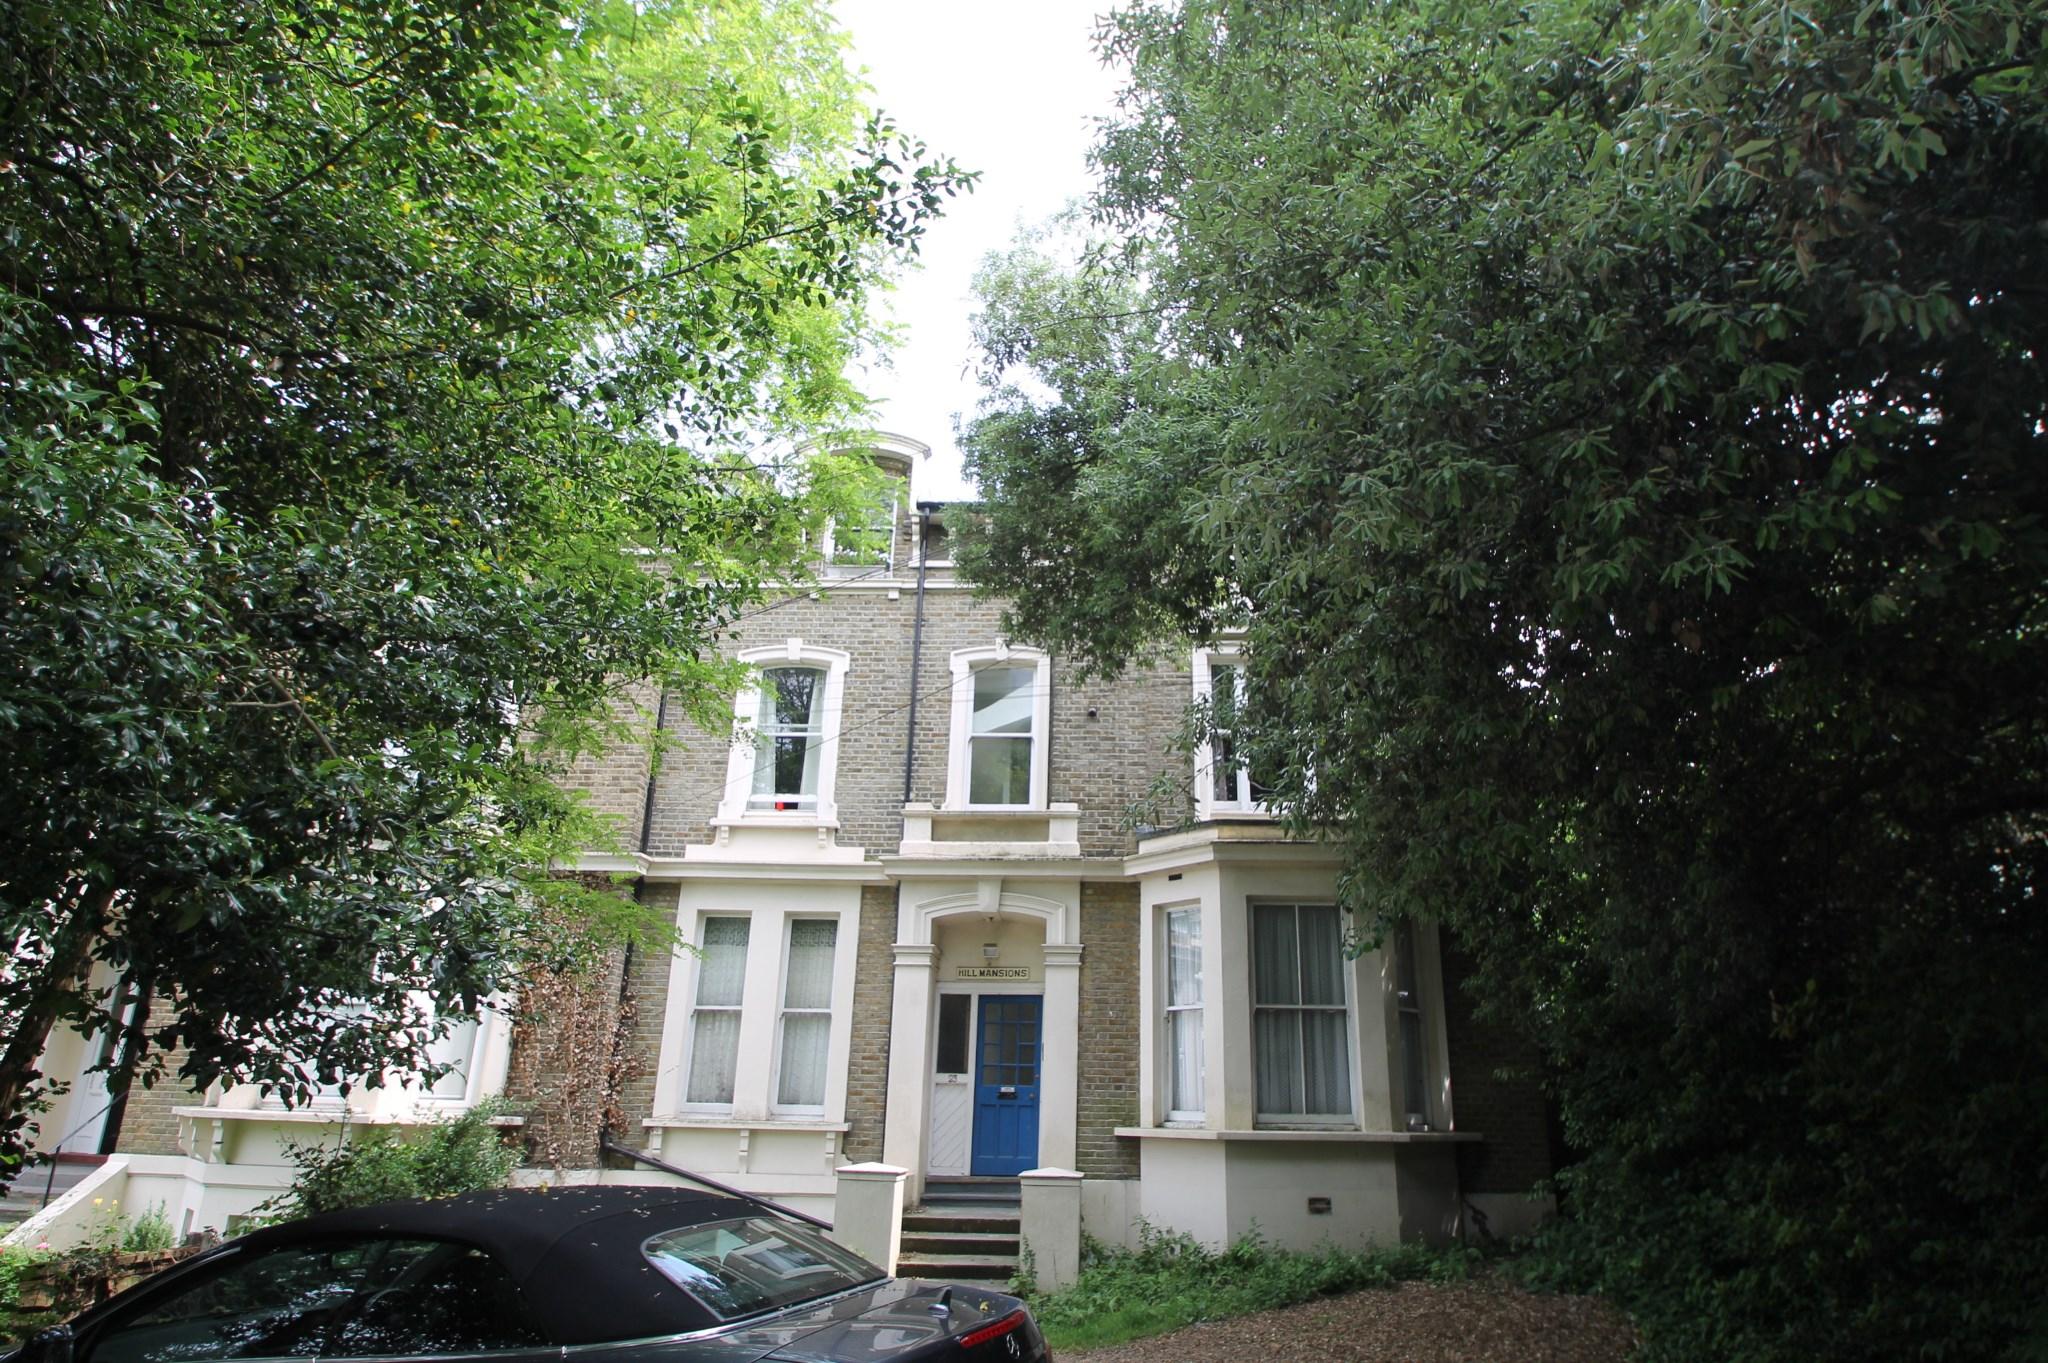 Hill Mansions, 23 Bramley Hill, South Croydon, Surrey, CR2